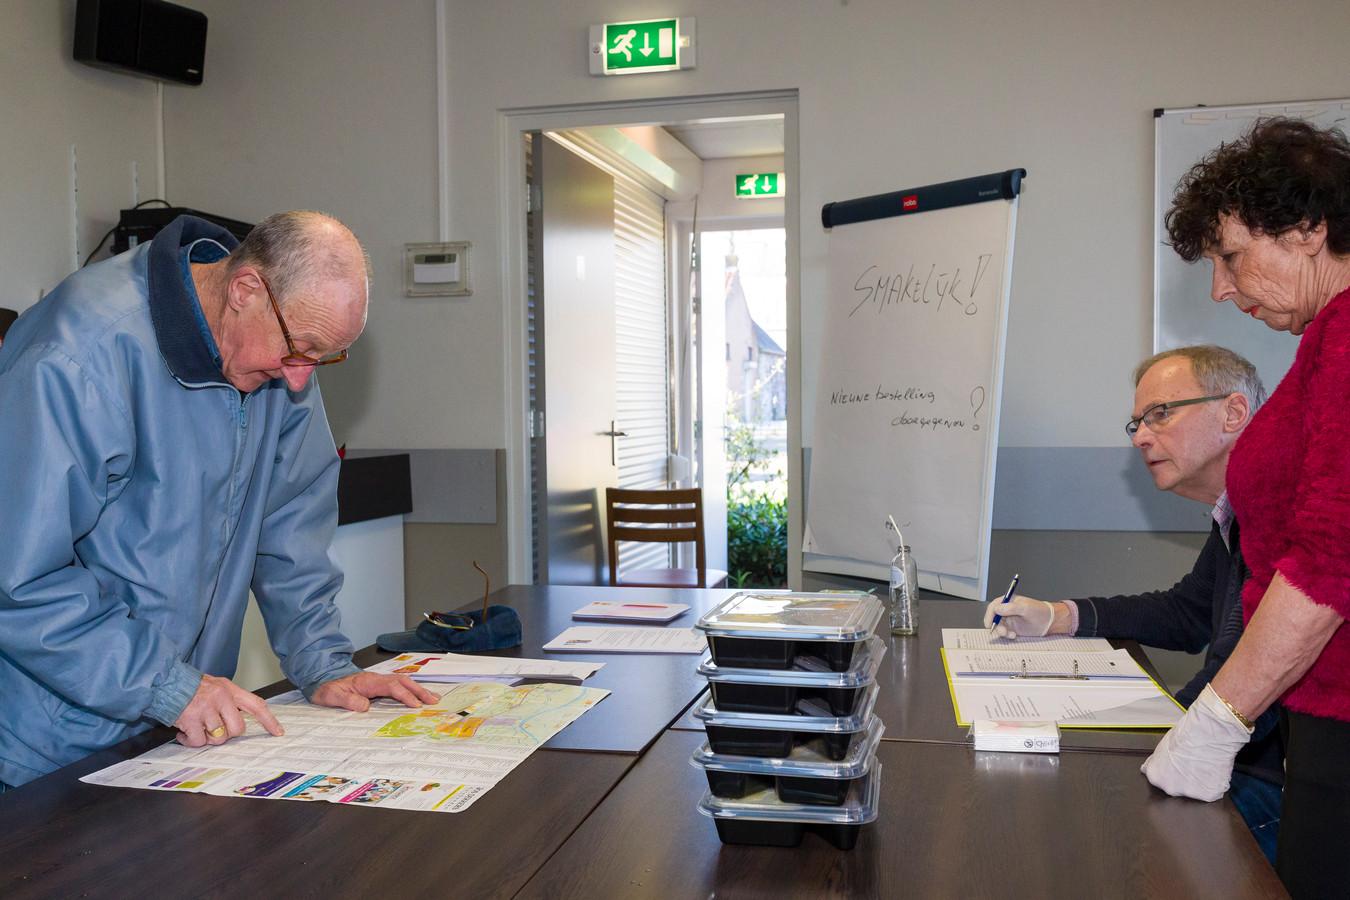 Omdat niet alle klanten in staat zijn zelf hun maaltijd te komen halen, gaat vrijwilliger Hennie Bekker (links) het eten brengen. Met de kaart erbij kijkt hij wat de beste route is.